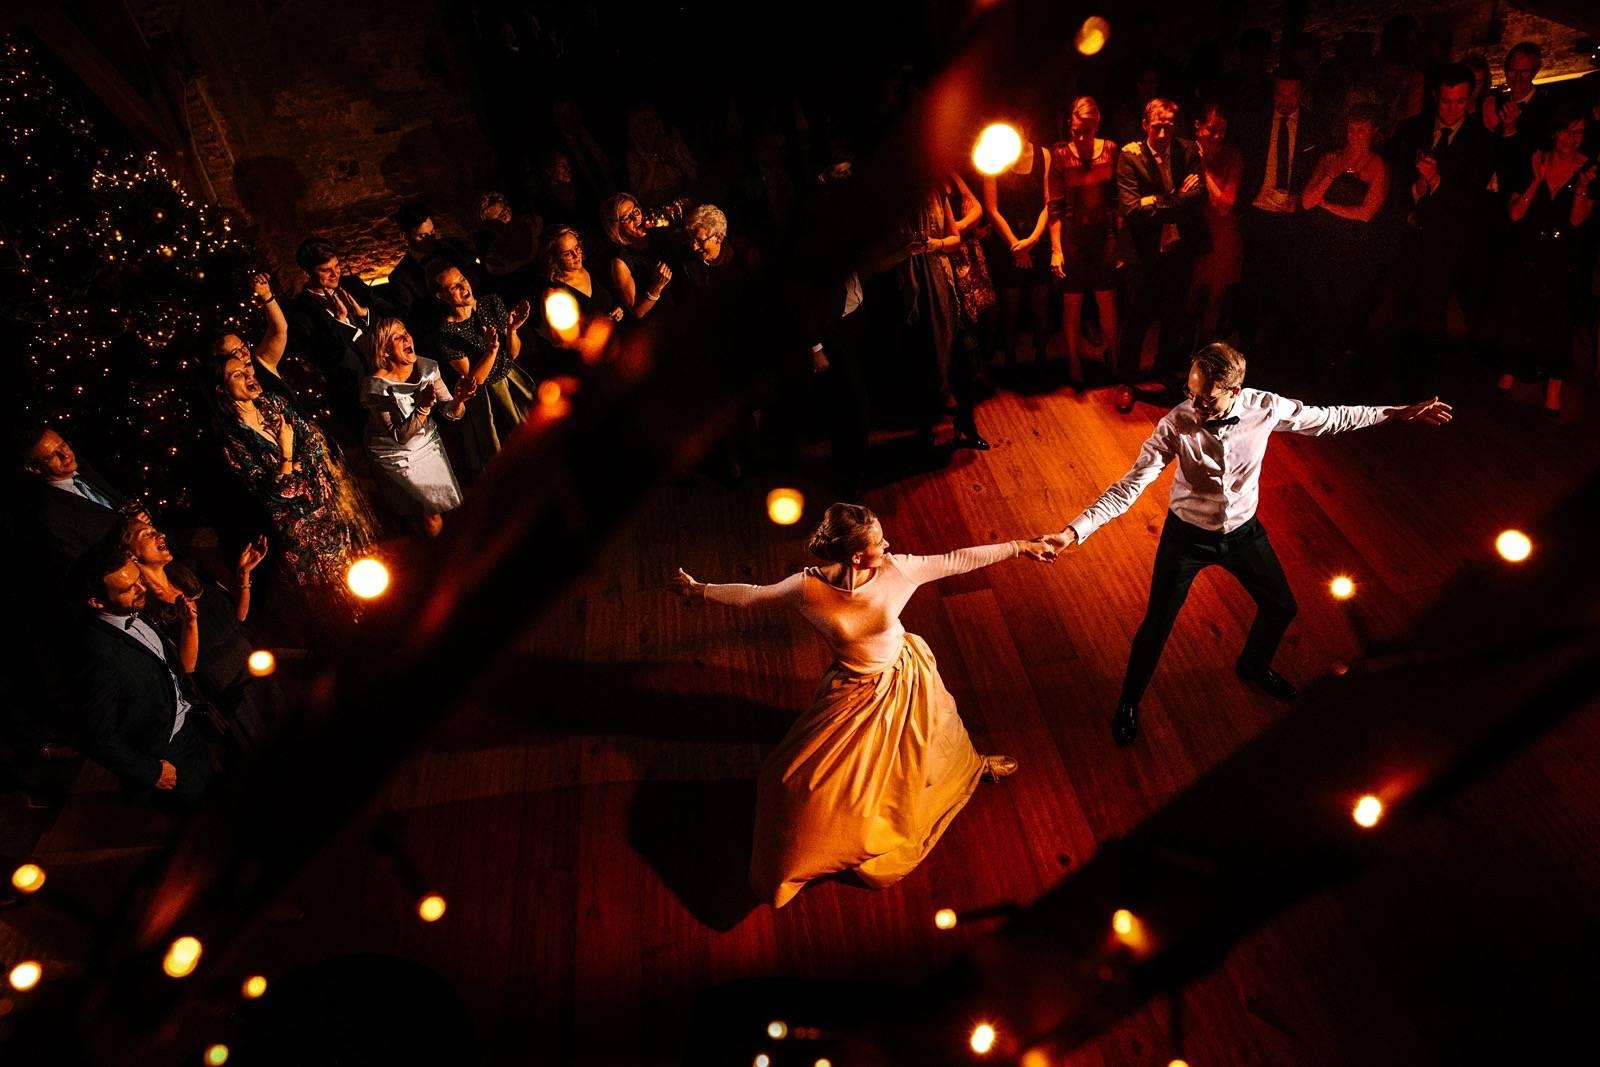 Yves Schepers Photography - Fotograaf - Huwelijksfotograaf - Trouwfotograaf - Bruidsfotograaf - House of Weddings - 28